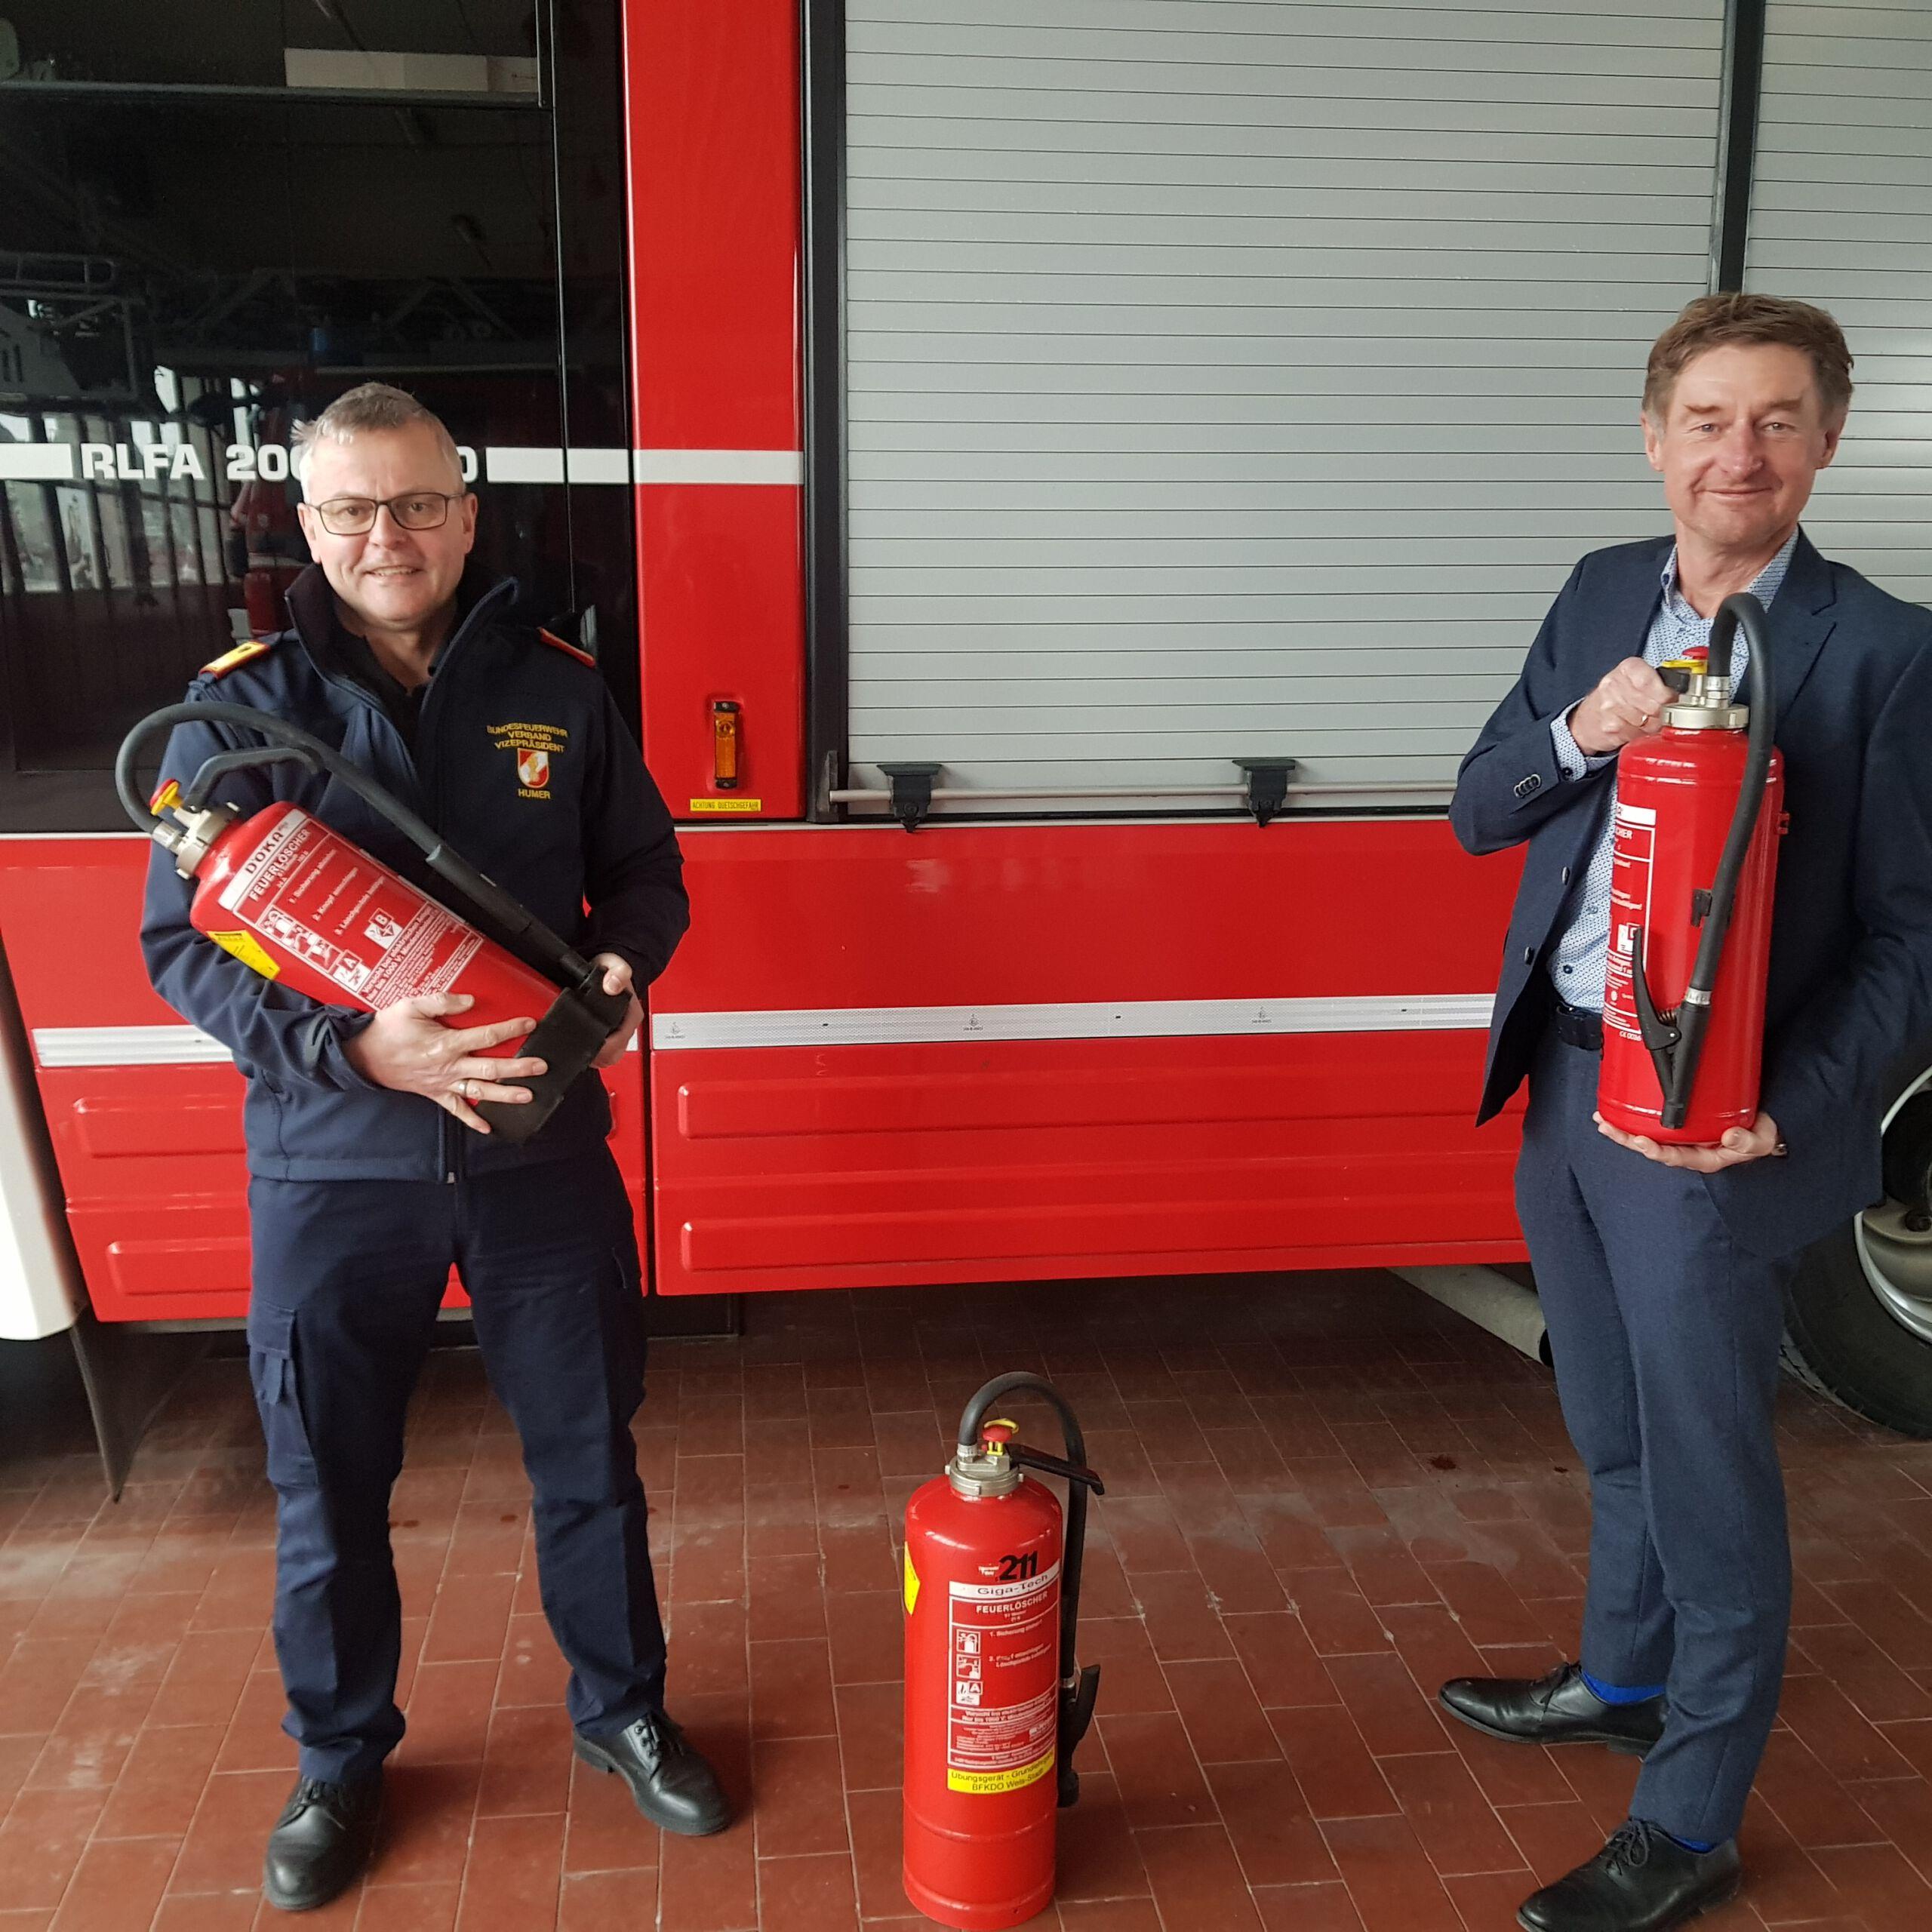 Feuerwehrkommandant Ing. Humer und Vzbgm. Gerhard Kroiß mit Feuerlöschern in der Hand vor einem Feuerwherauto